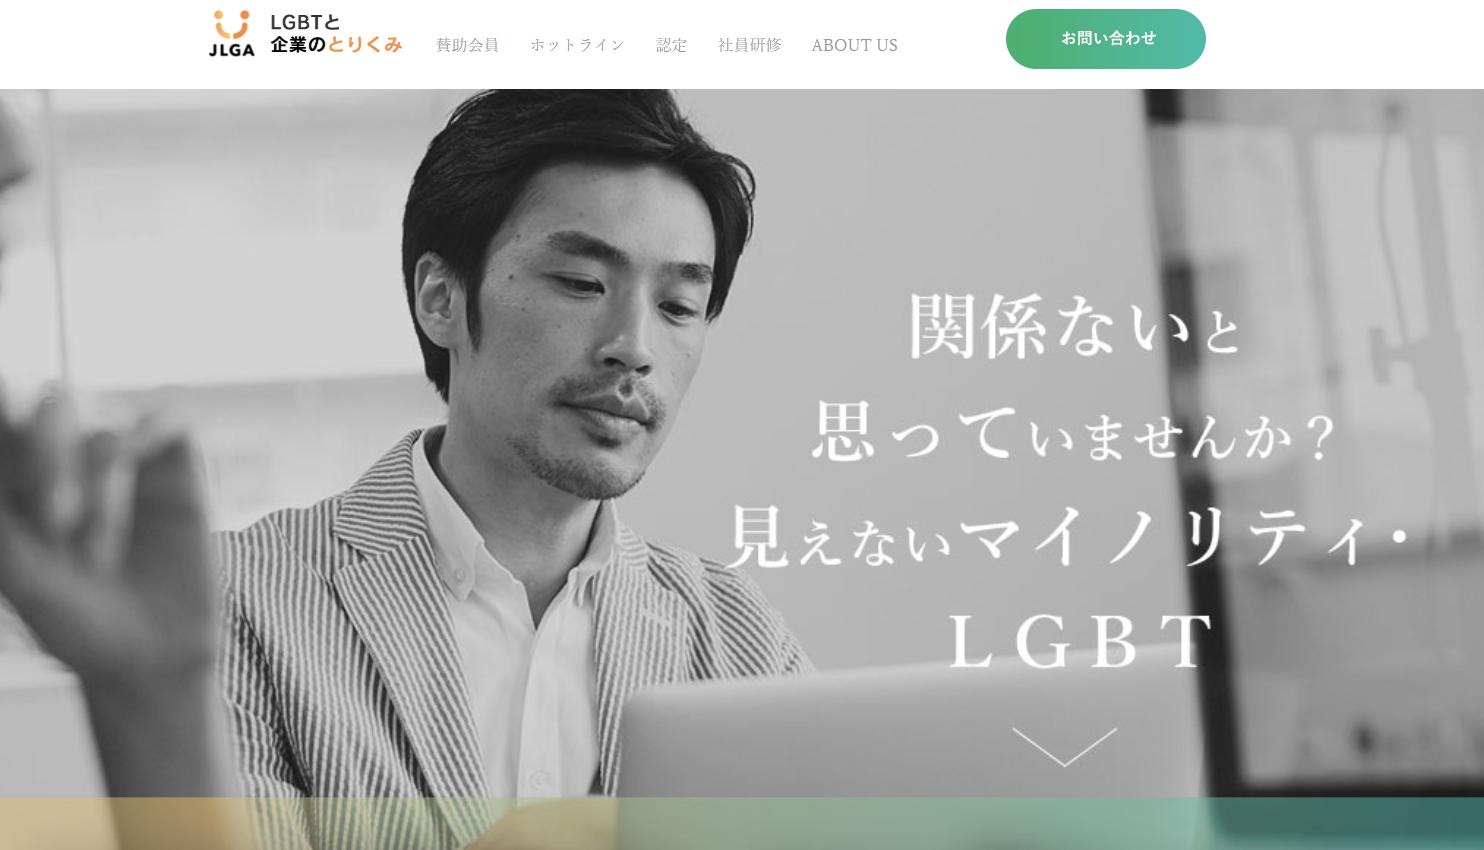 日本セクシャルマイノリティ協会様のLGBT向けWEBサイト